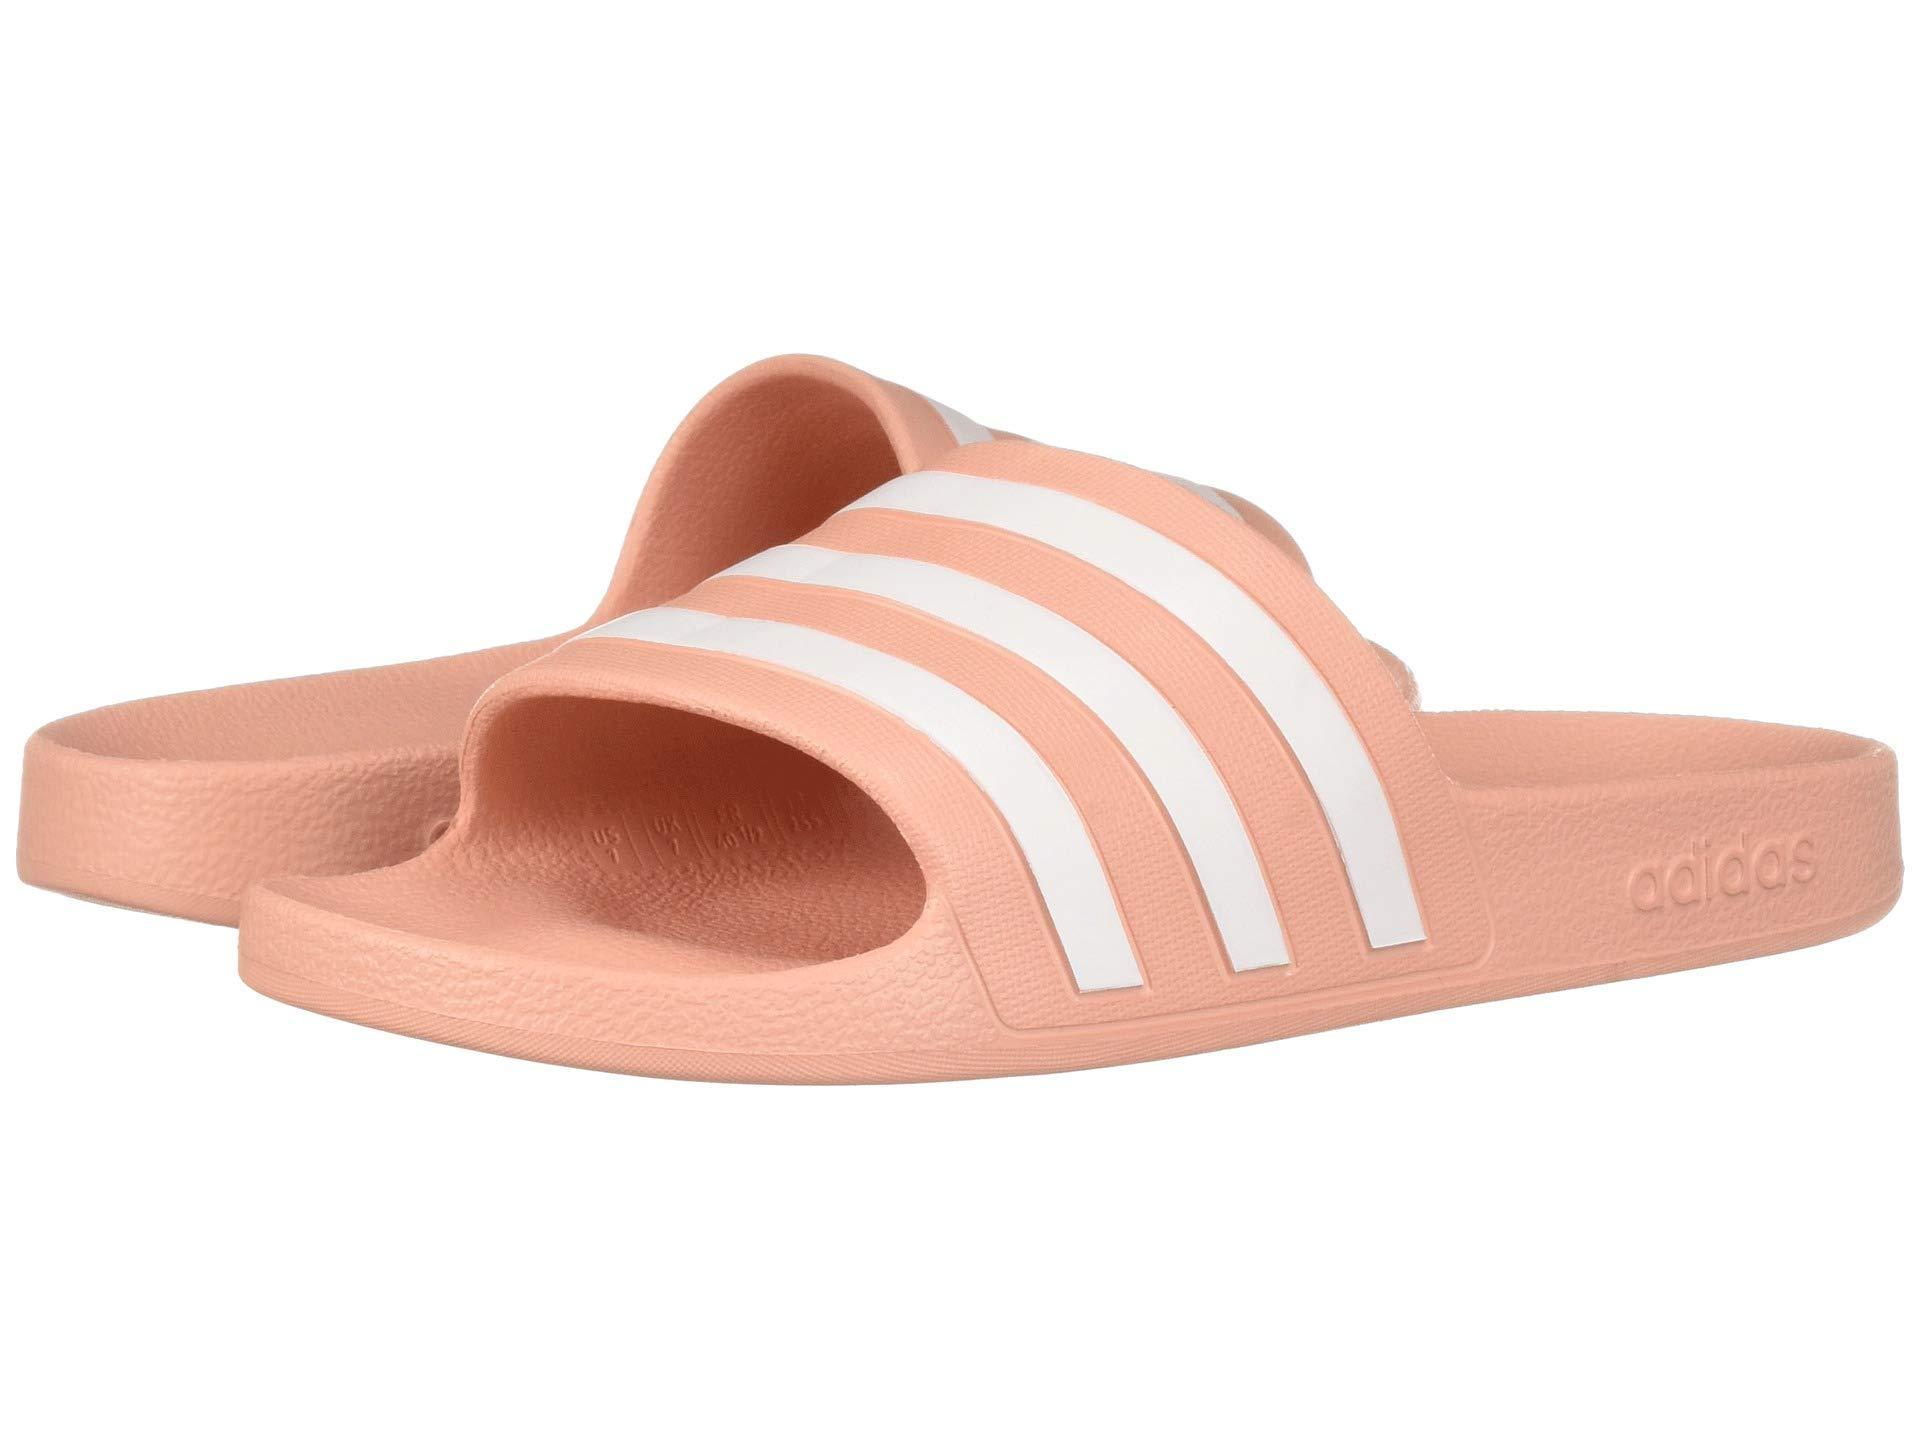 77c08f3b6753 Lyst - adidas Adilette Aqua (footwear White core Black footwear ...